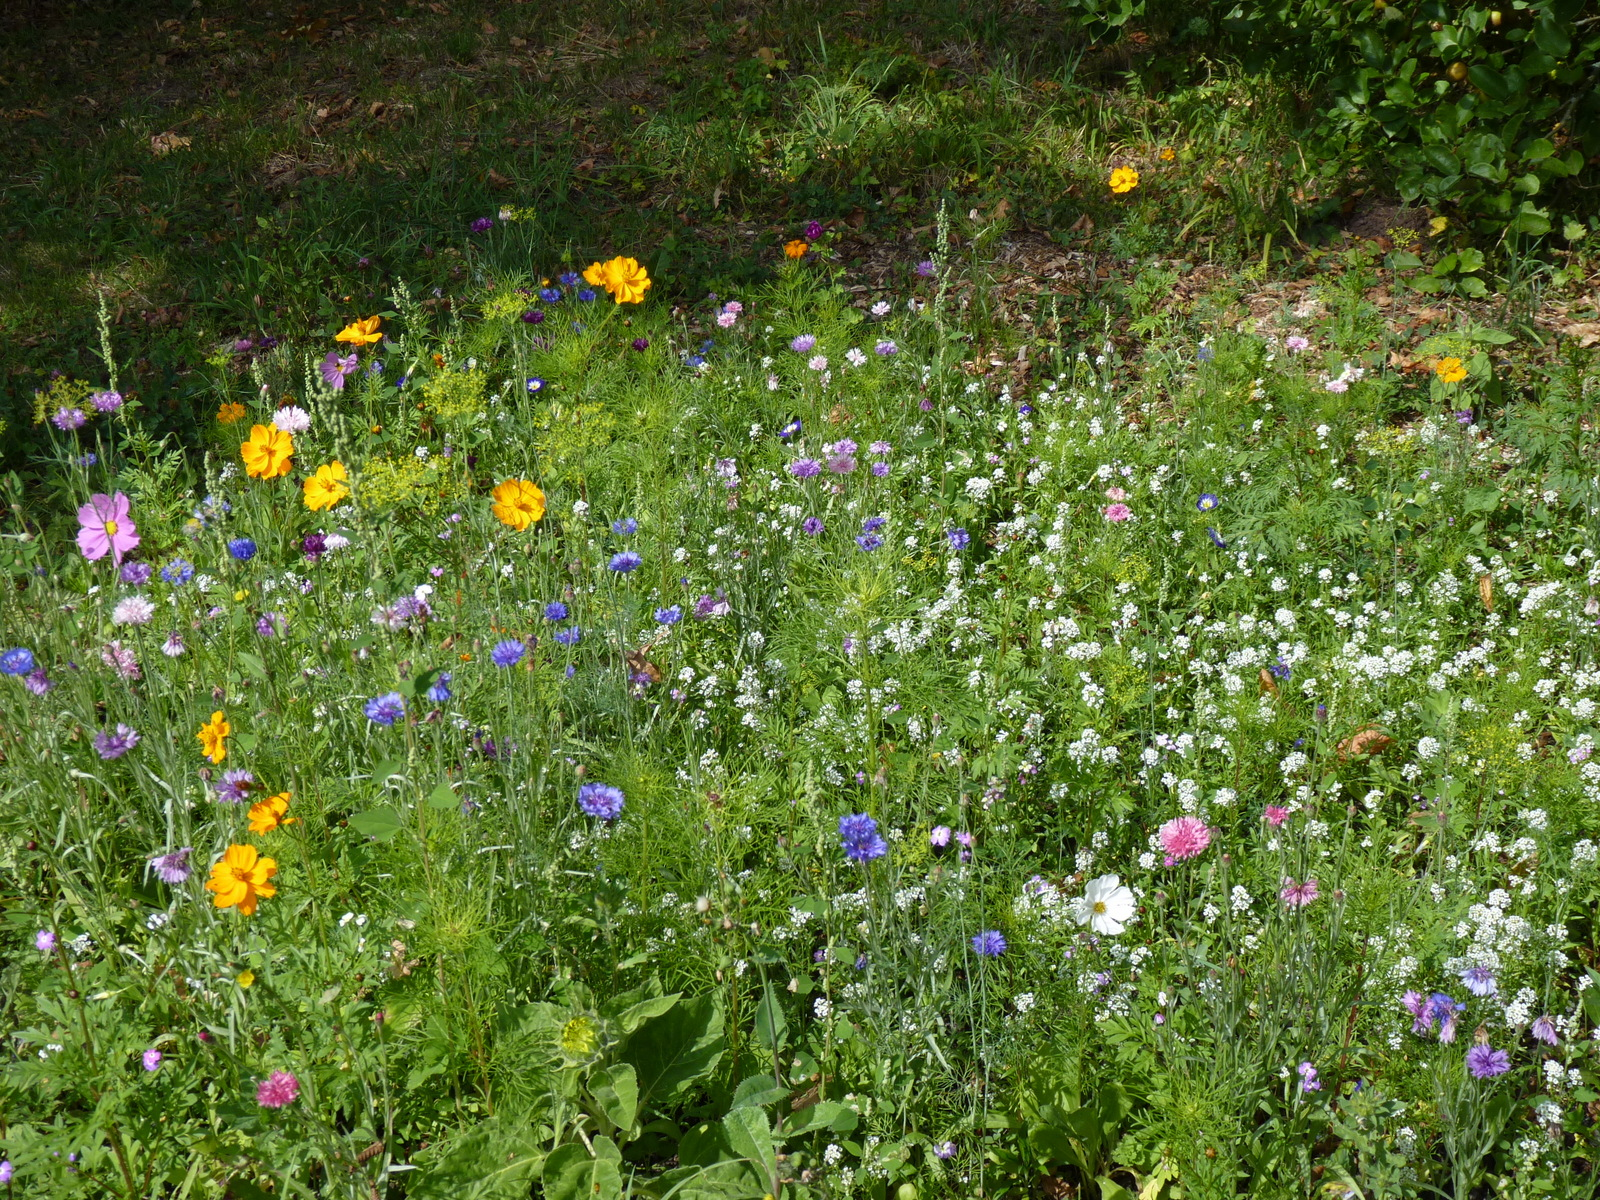 Le parterre de fleur accueille les insectes pollinisateurs